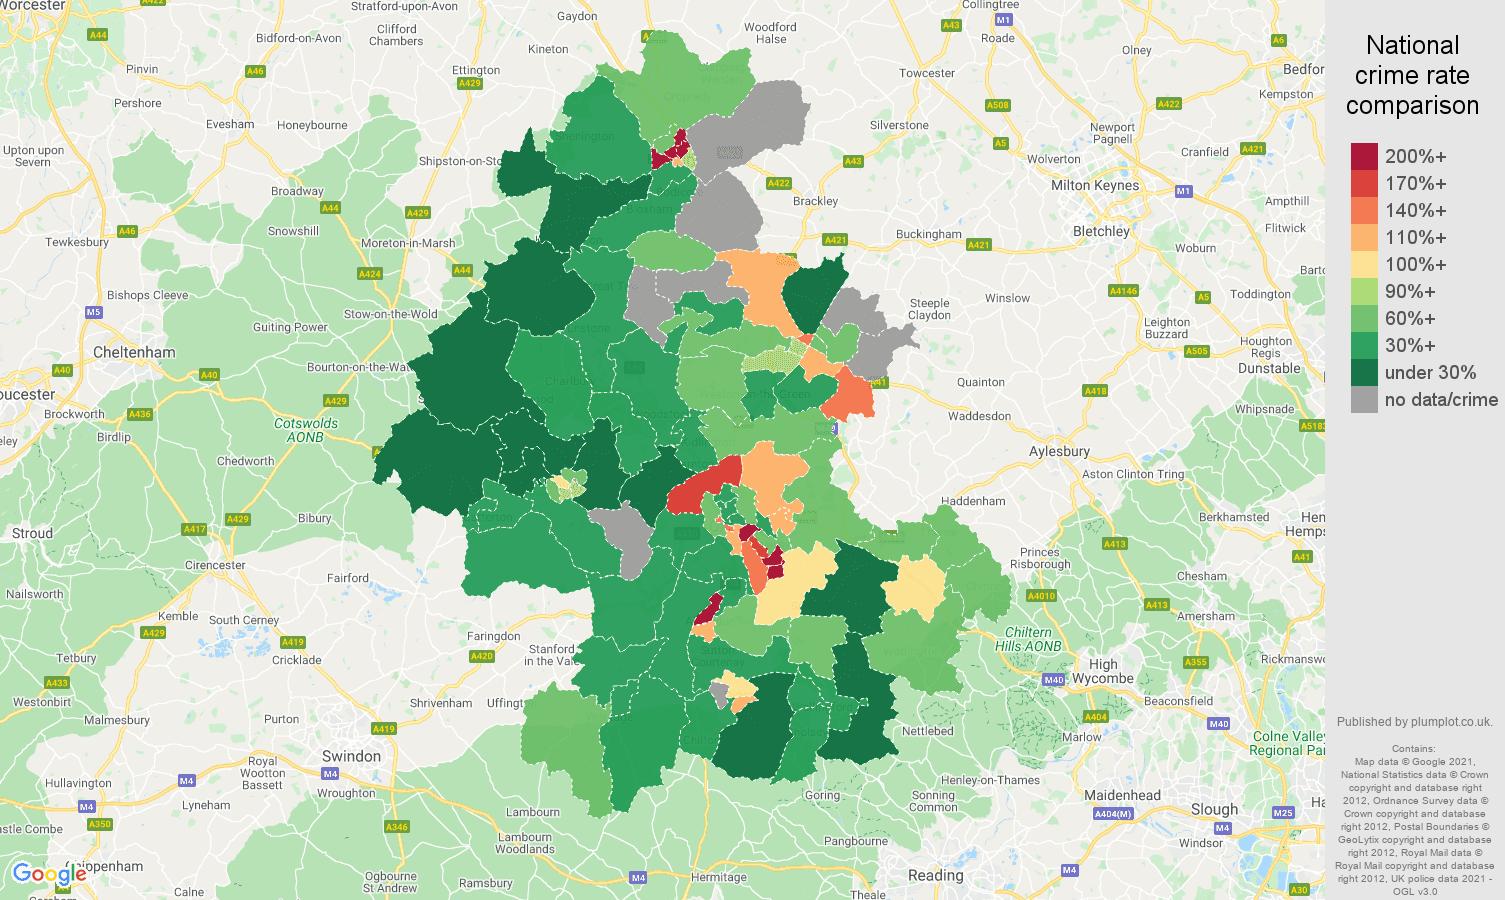 Oxford drugs crime rate comparison map